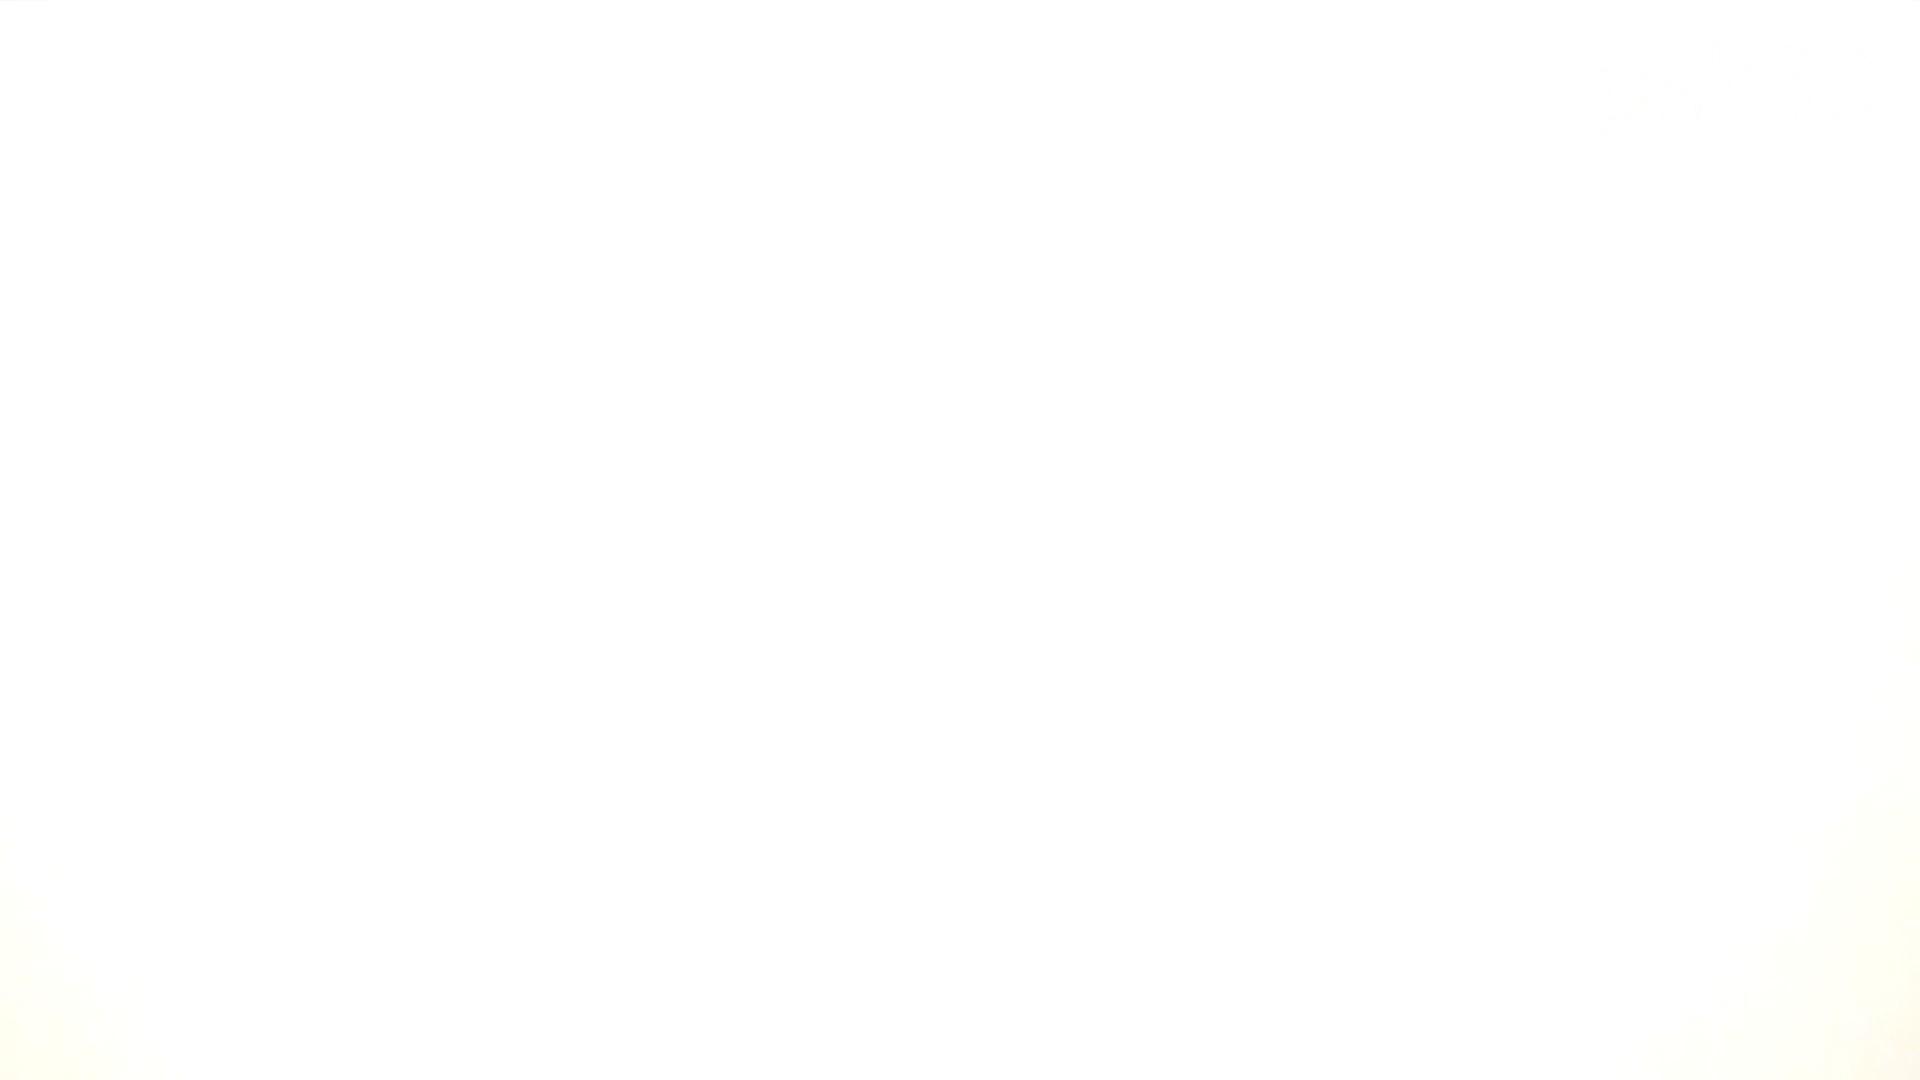 ▲復活限定▲ハイビジョン 盗神伝 Vol.30 0  81連発 62